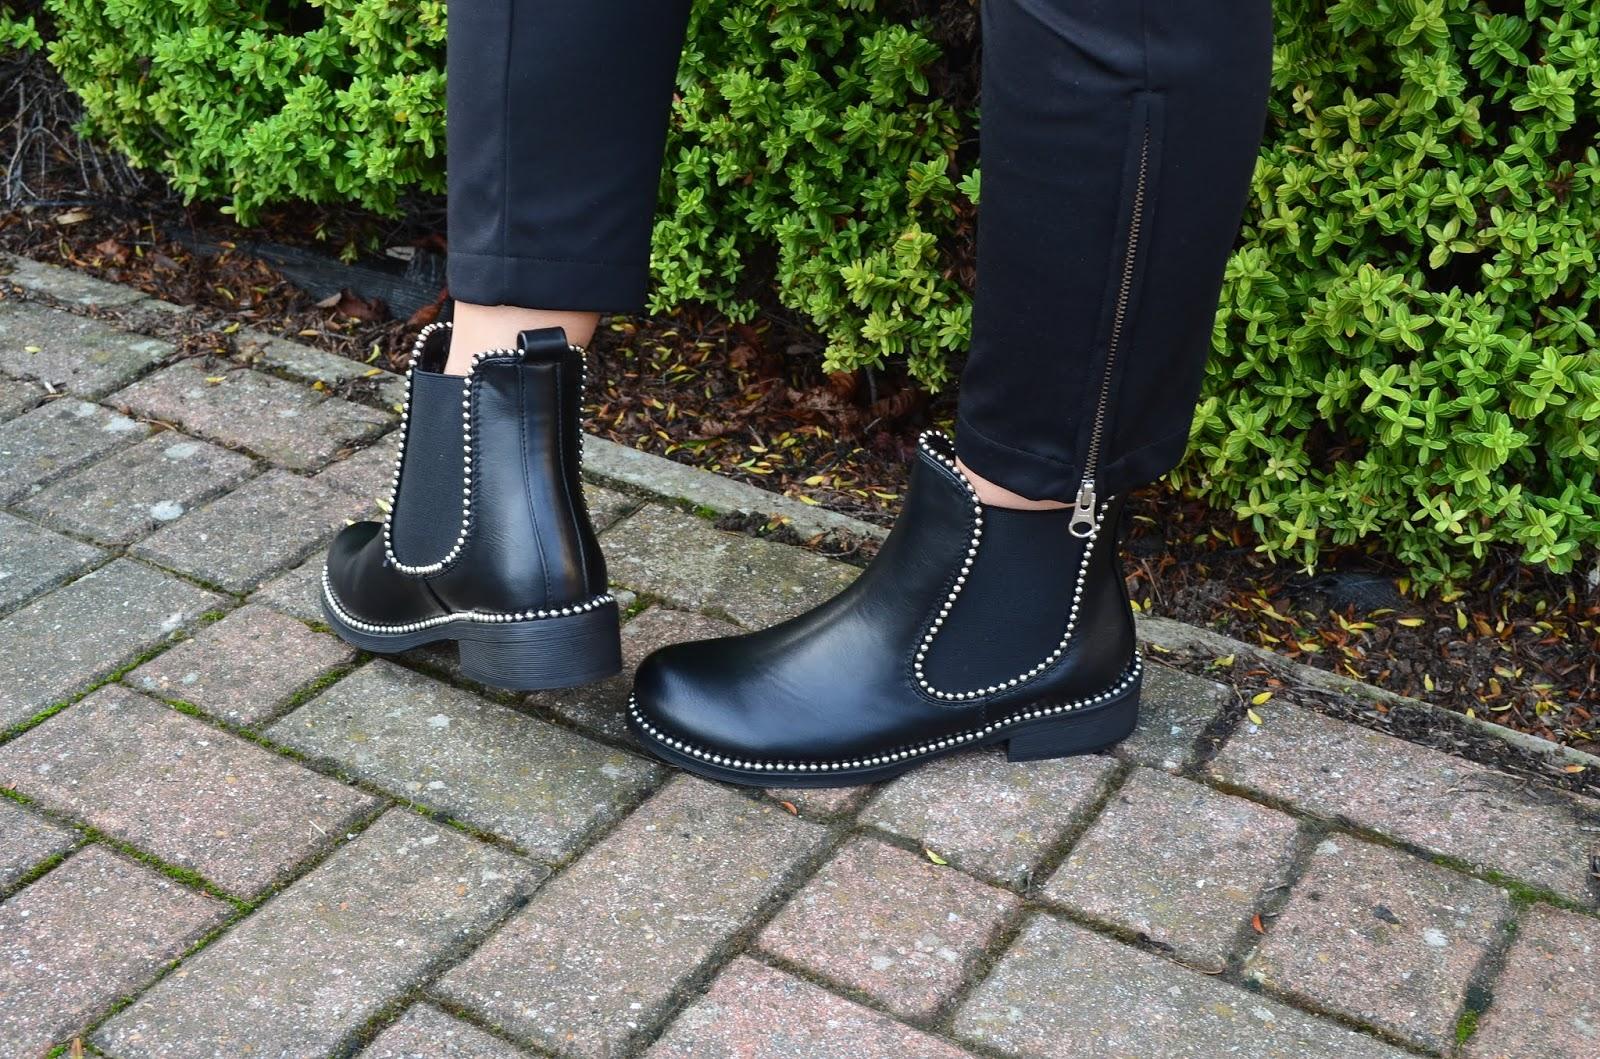 Adriana Style Blog, balando.pl, Botki, Buty Balando, Fashion, Kozaki, moda, oferta promocyjna, on-line shoes shop, Promocja, shoes, Sklep obuwniczy, sklep on-line, Szpilki